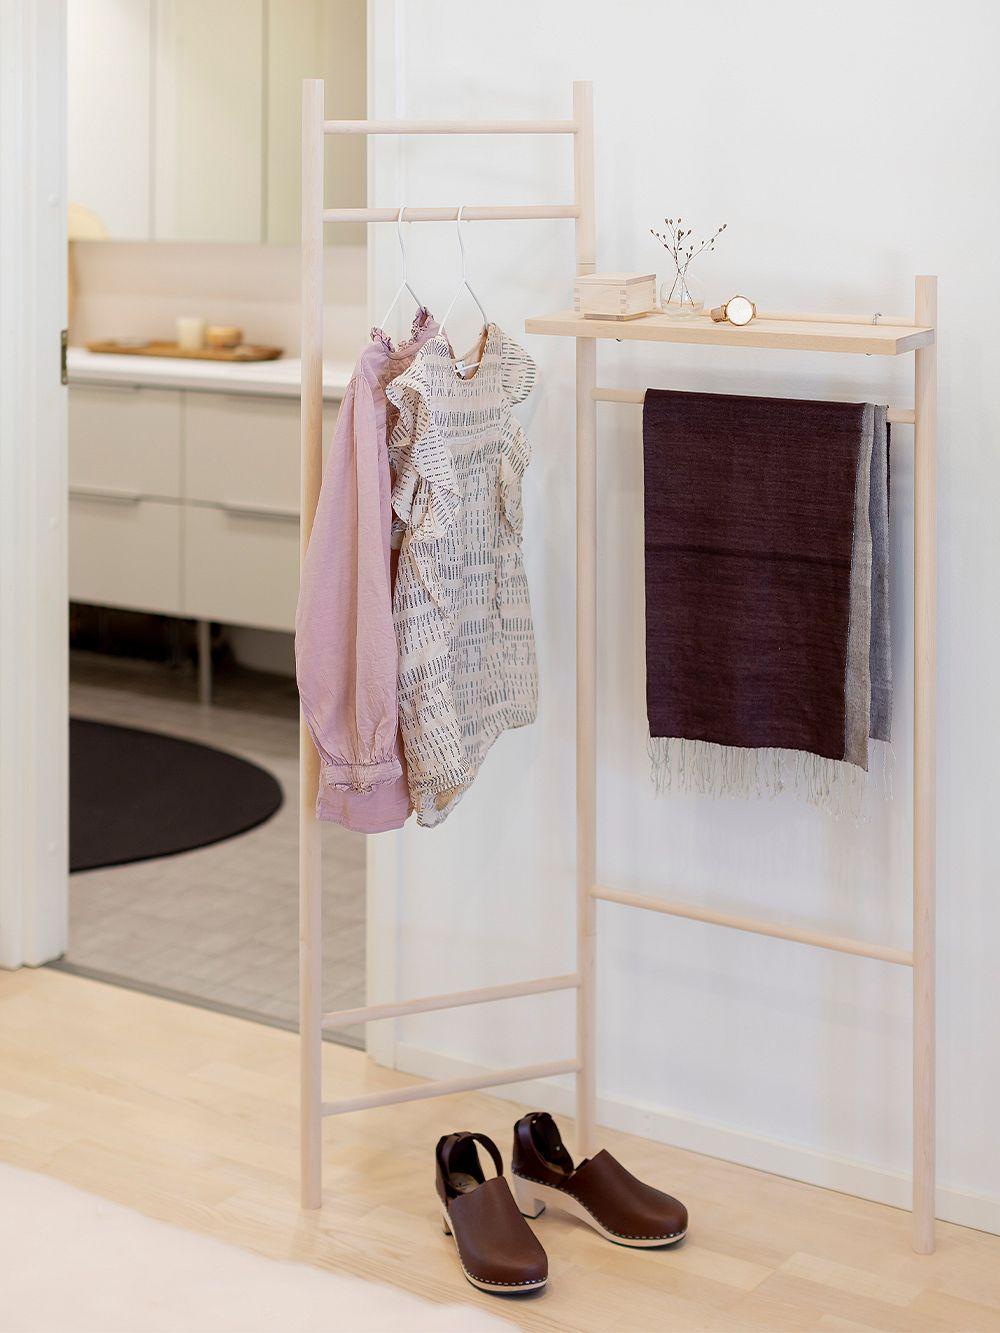 Verso Design: Tikas clothes rack